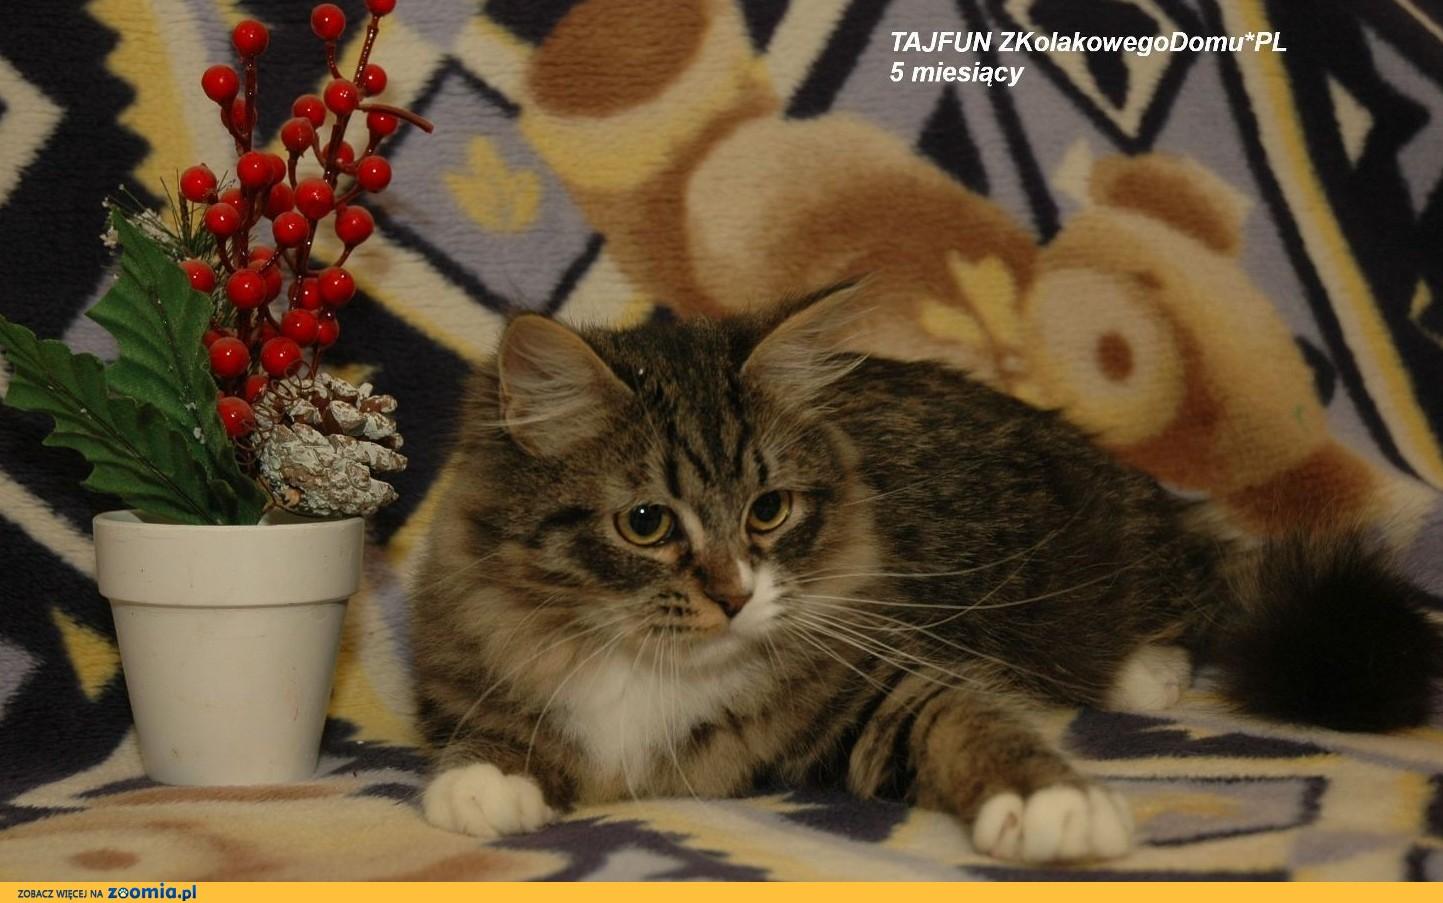 Koty Syberyjskie (FPL) - TAJFUNZKolakowegoDomu*PL